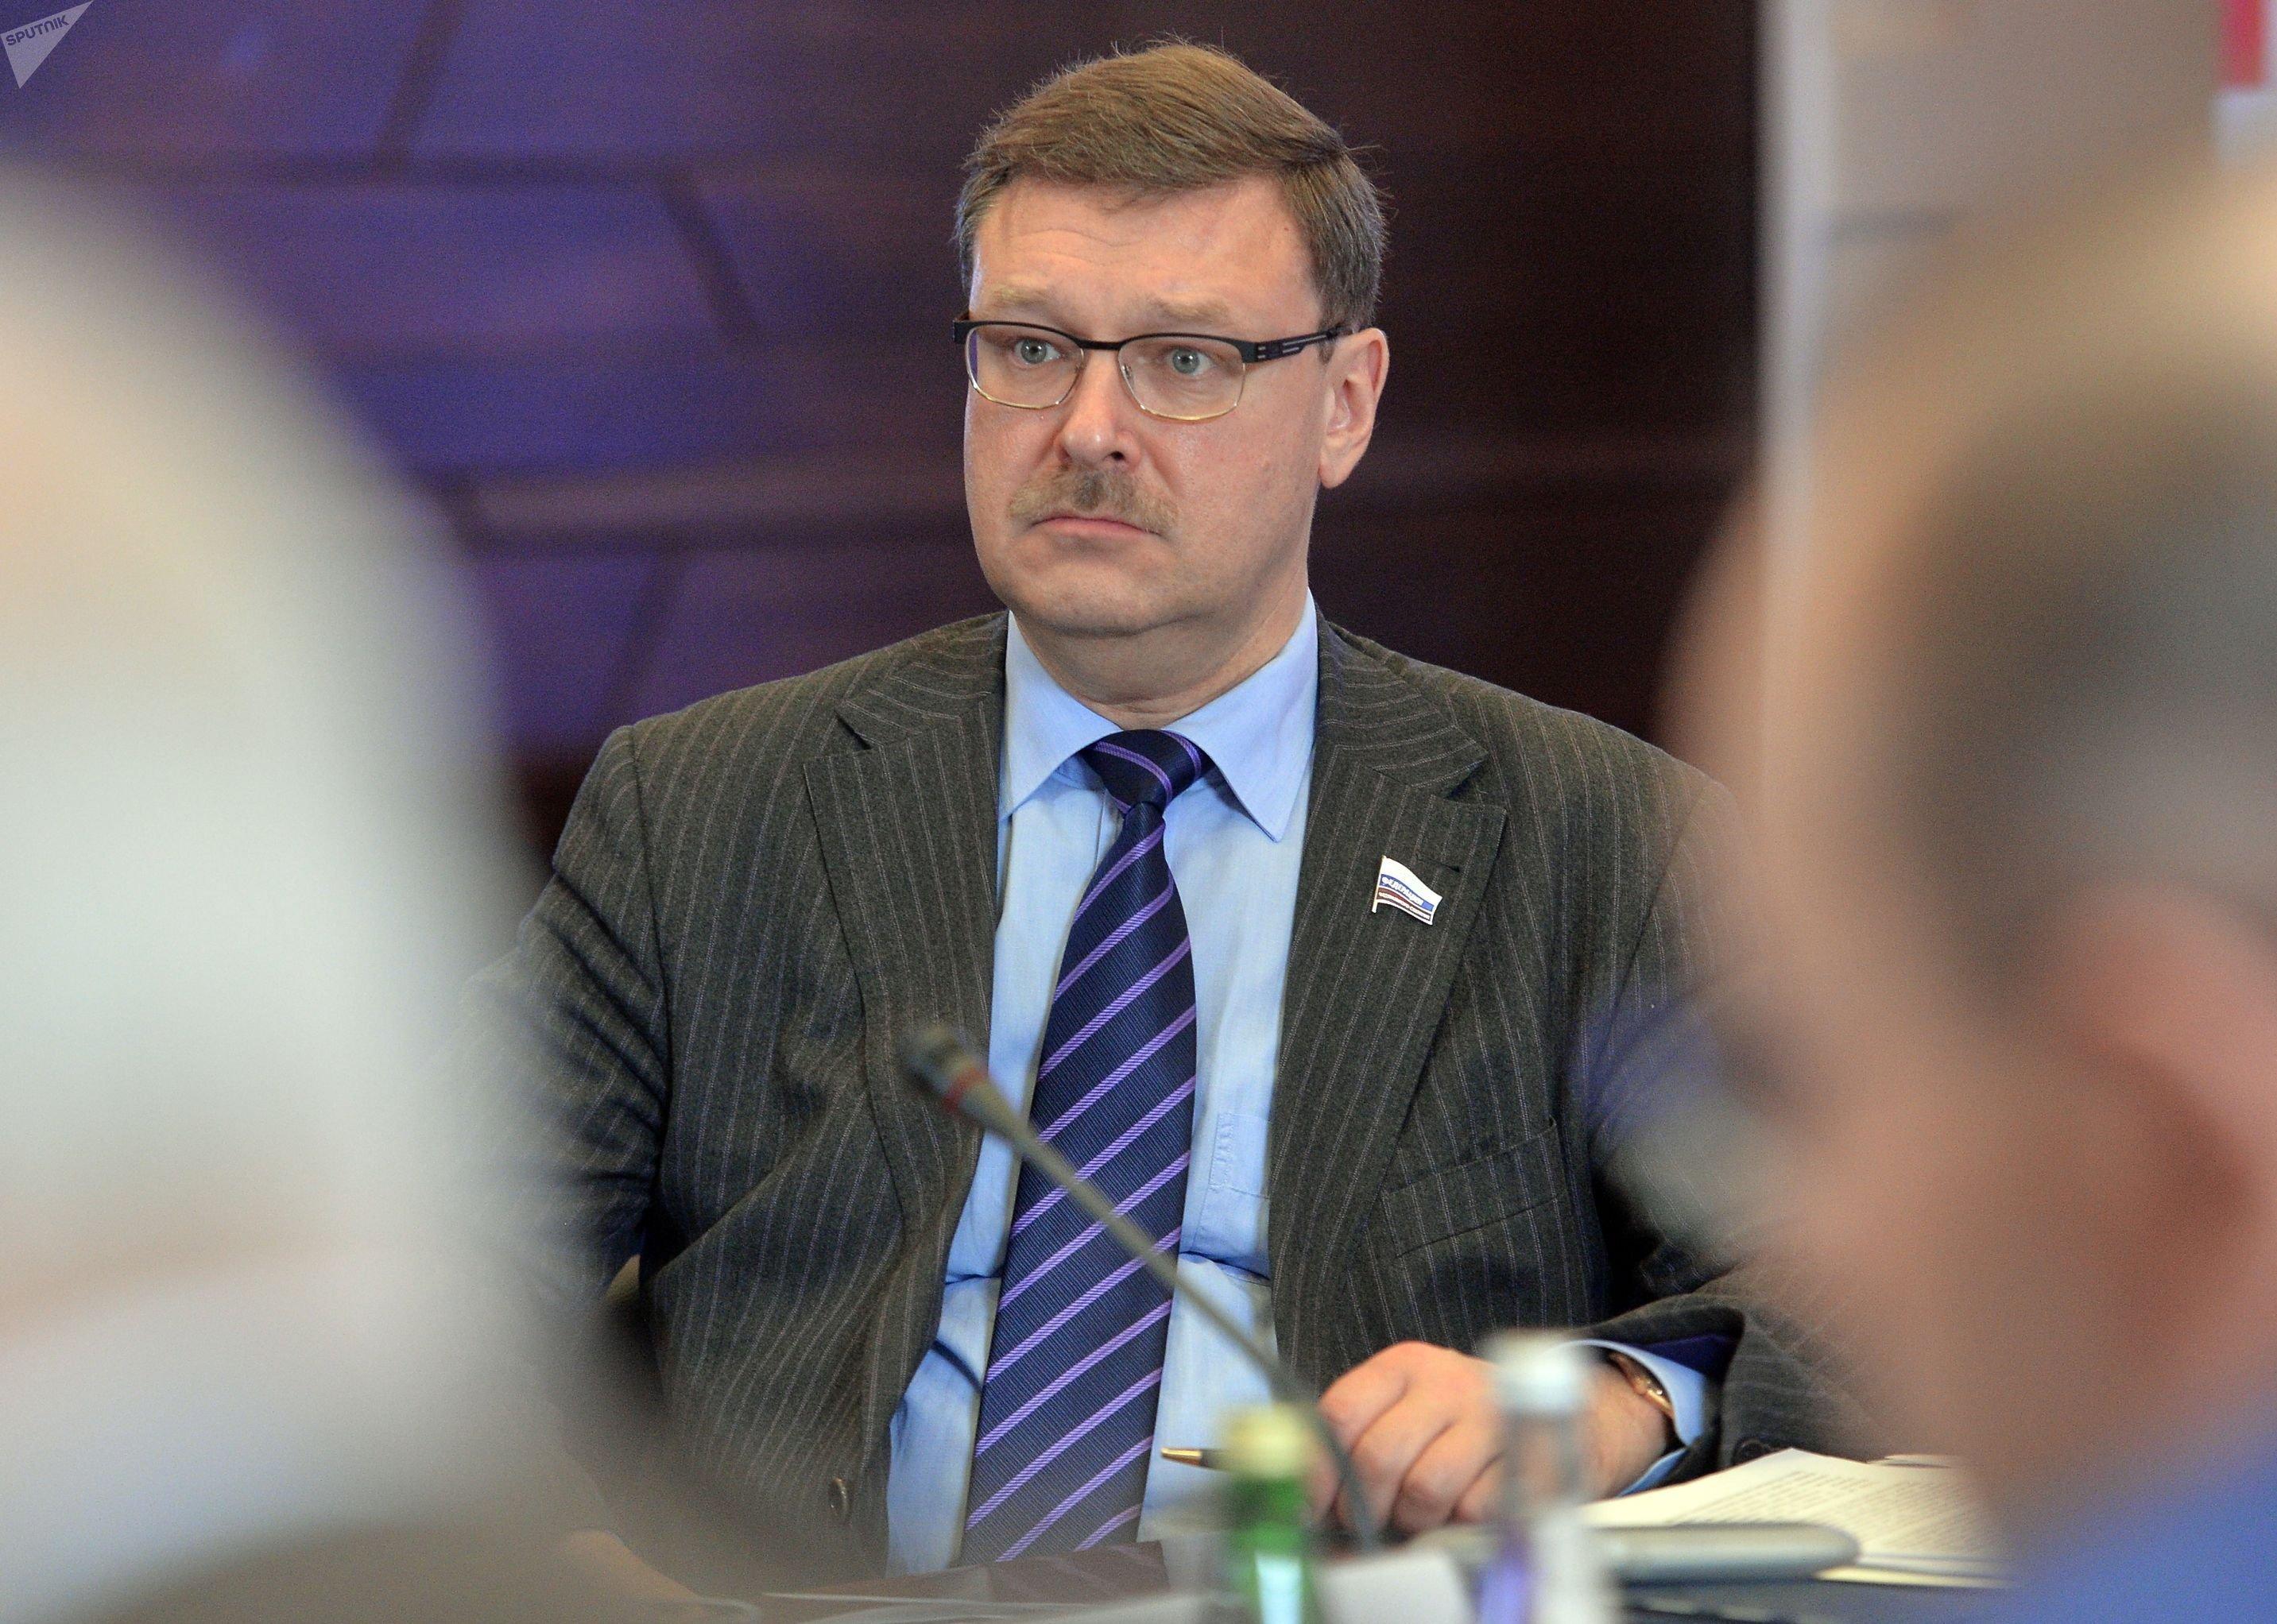 Przewodniczący Komitetu ds. Międzynarodowych Rady Federacji Konstantin Kosaczow